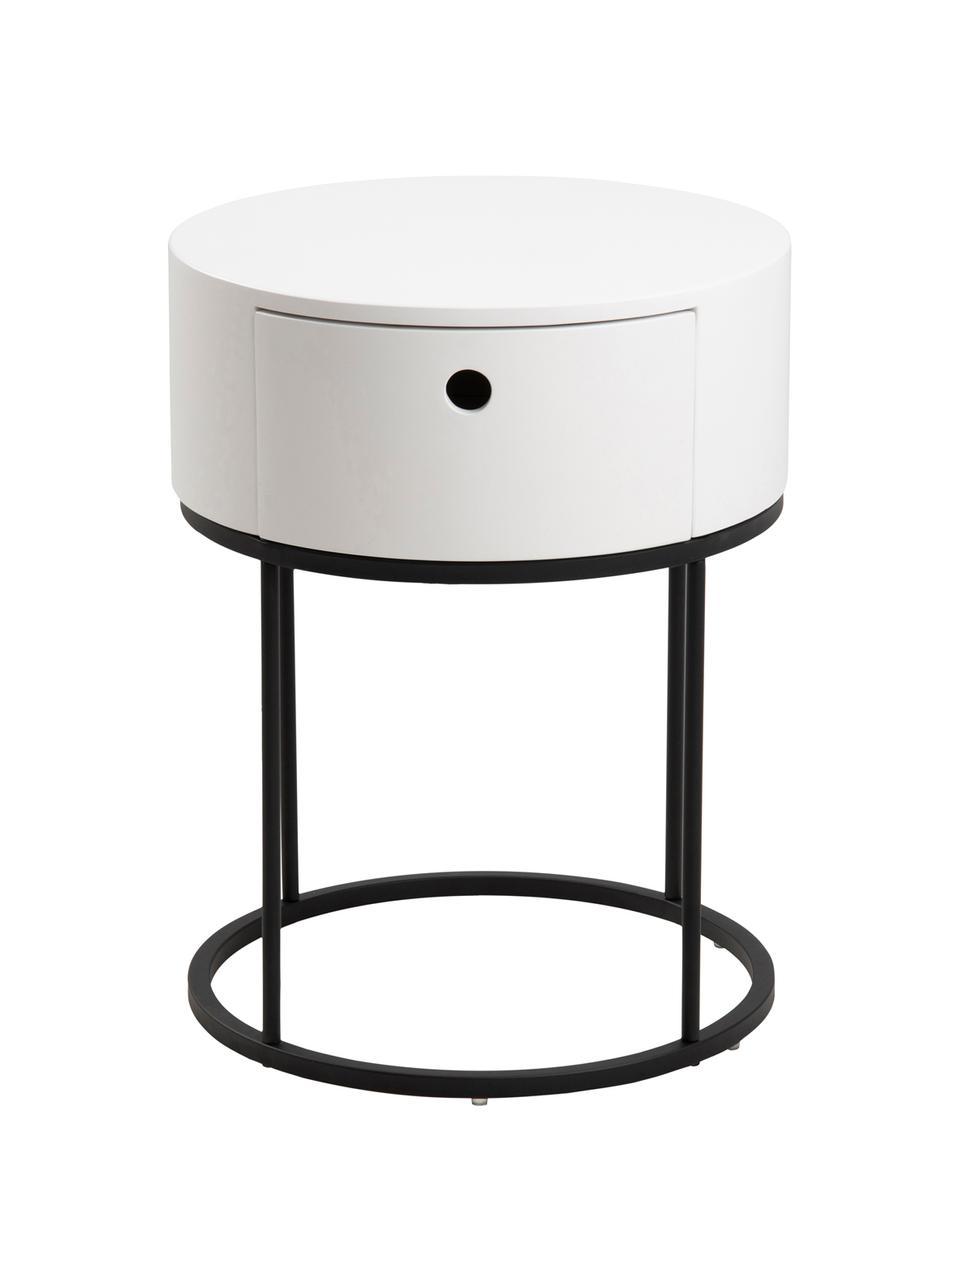 Runder Nachttisch Polo mit Schublade, Korpus: Mitteldichte Holzfaserpla, Beine: Metall, pulverbeschichtet, Weiß, Ø 40 x H 51 cm